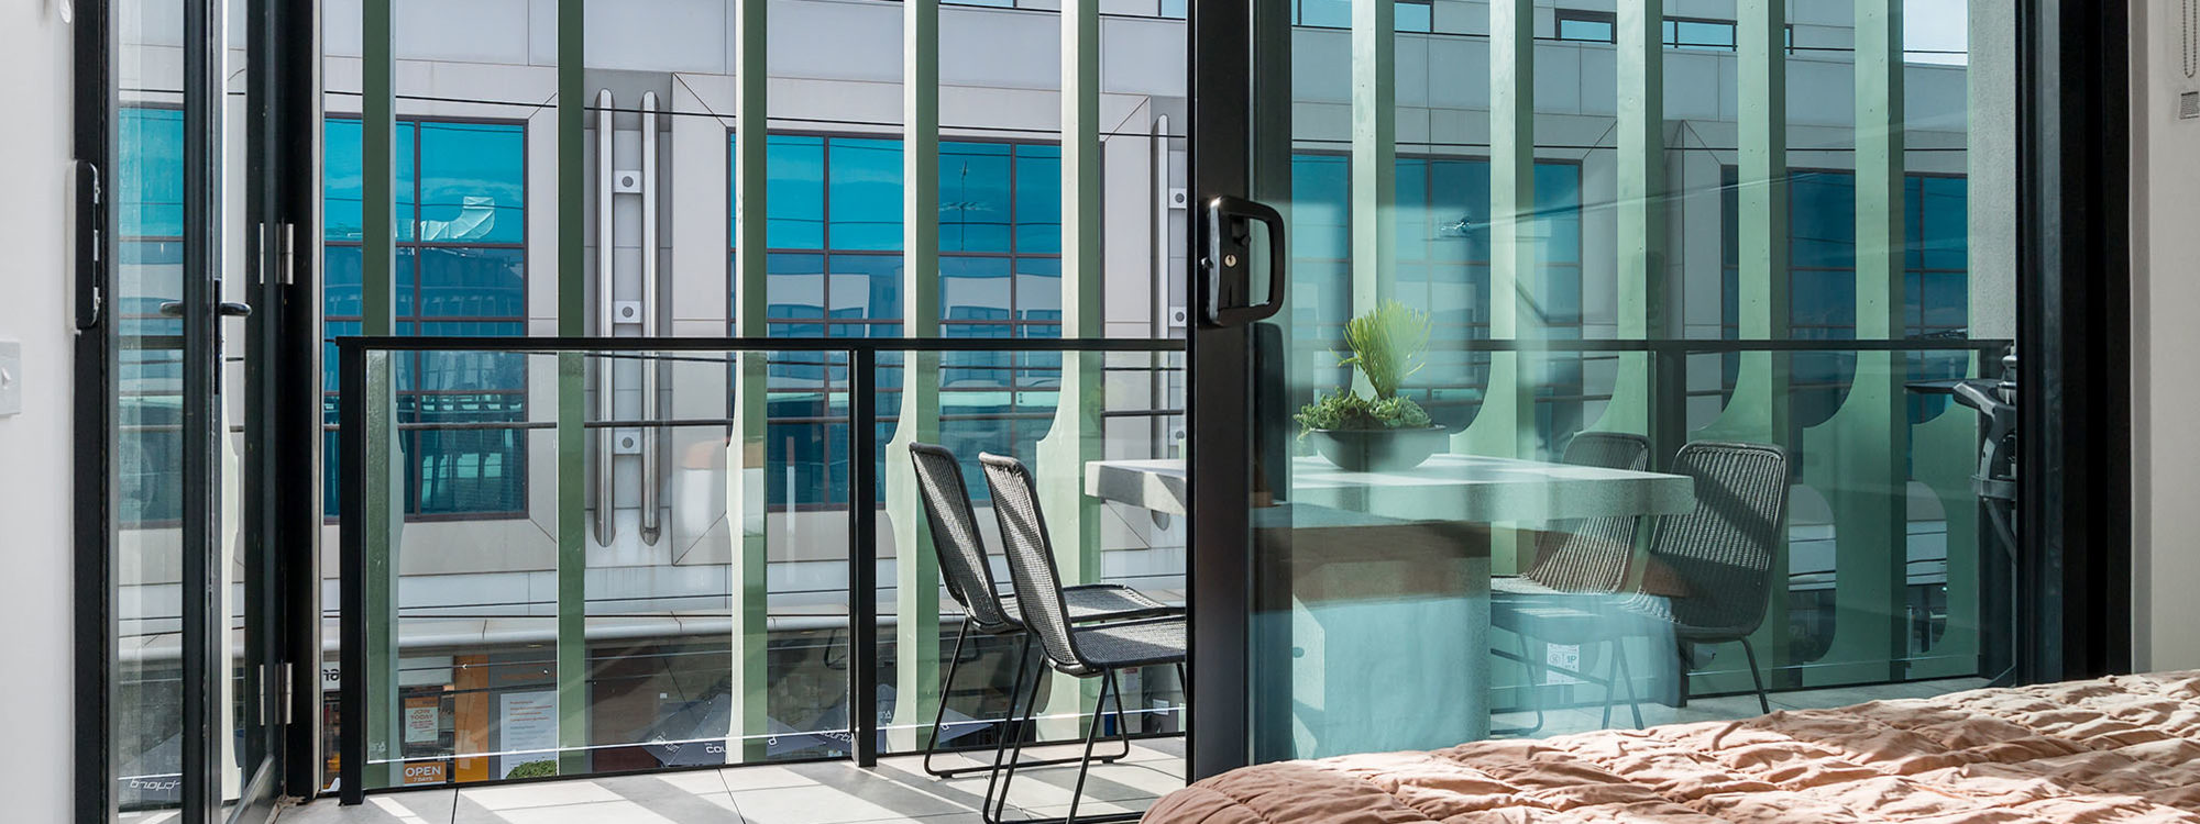 Axel Apartments - The Clarke - Glen Iris - Master Bedroom towards Balcony